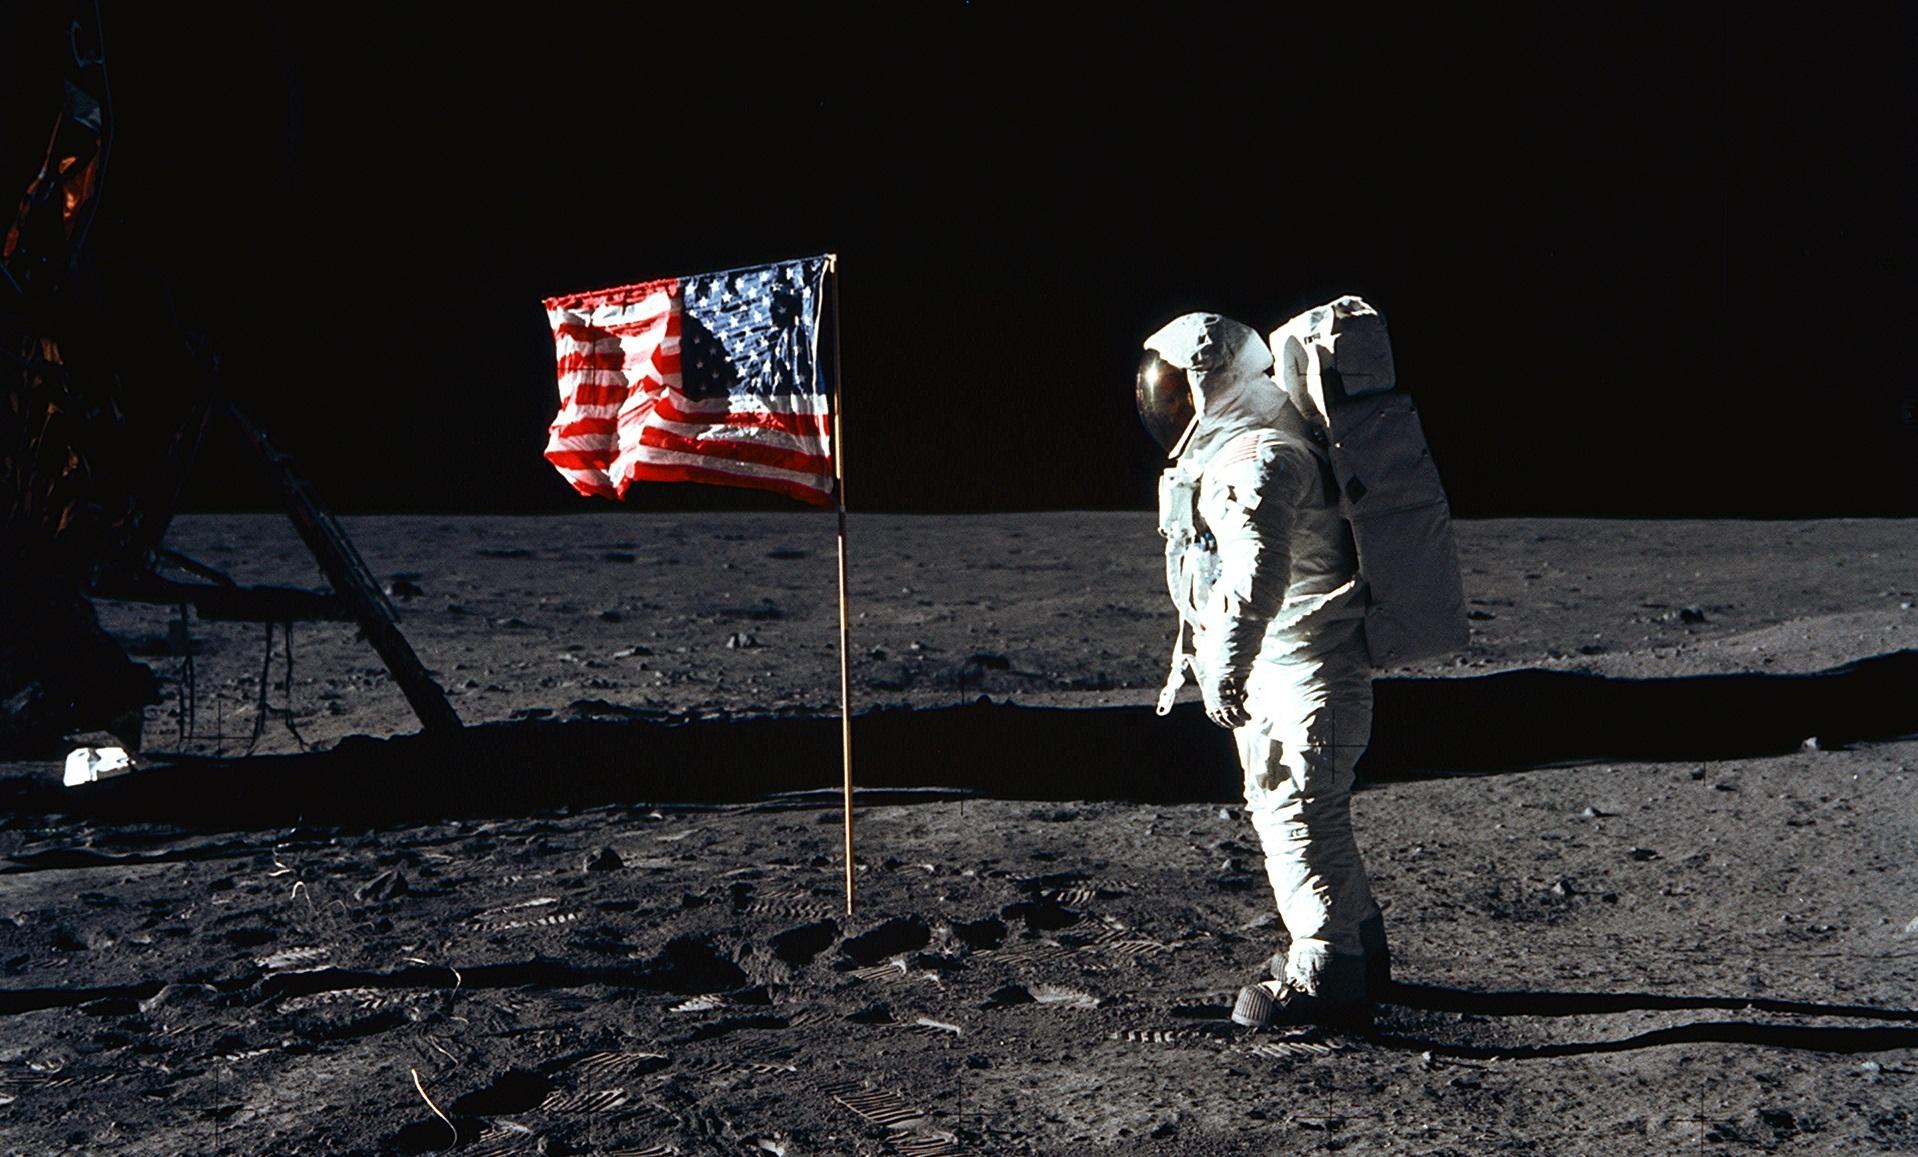 lo sbarco sulla luna è vero o falso? guarda il documentario